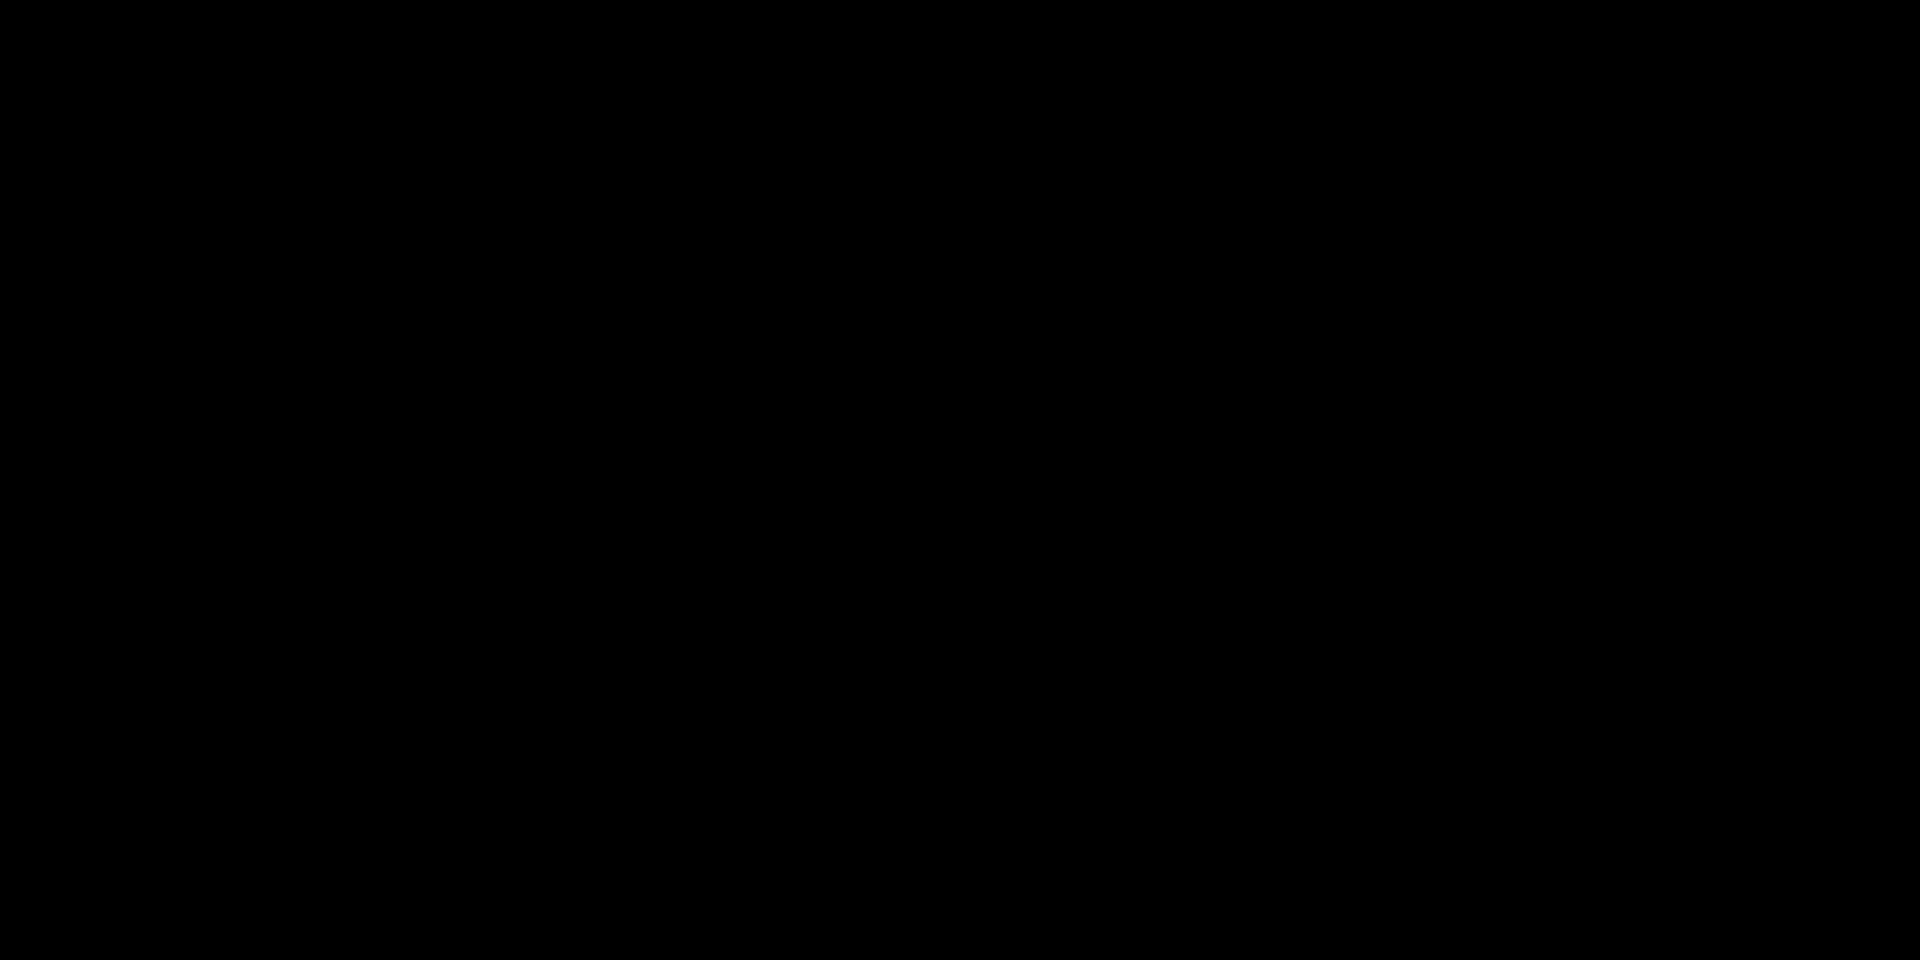 divider-3166117